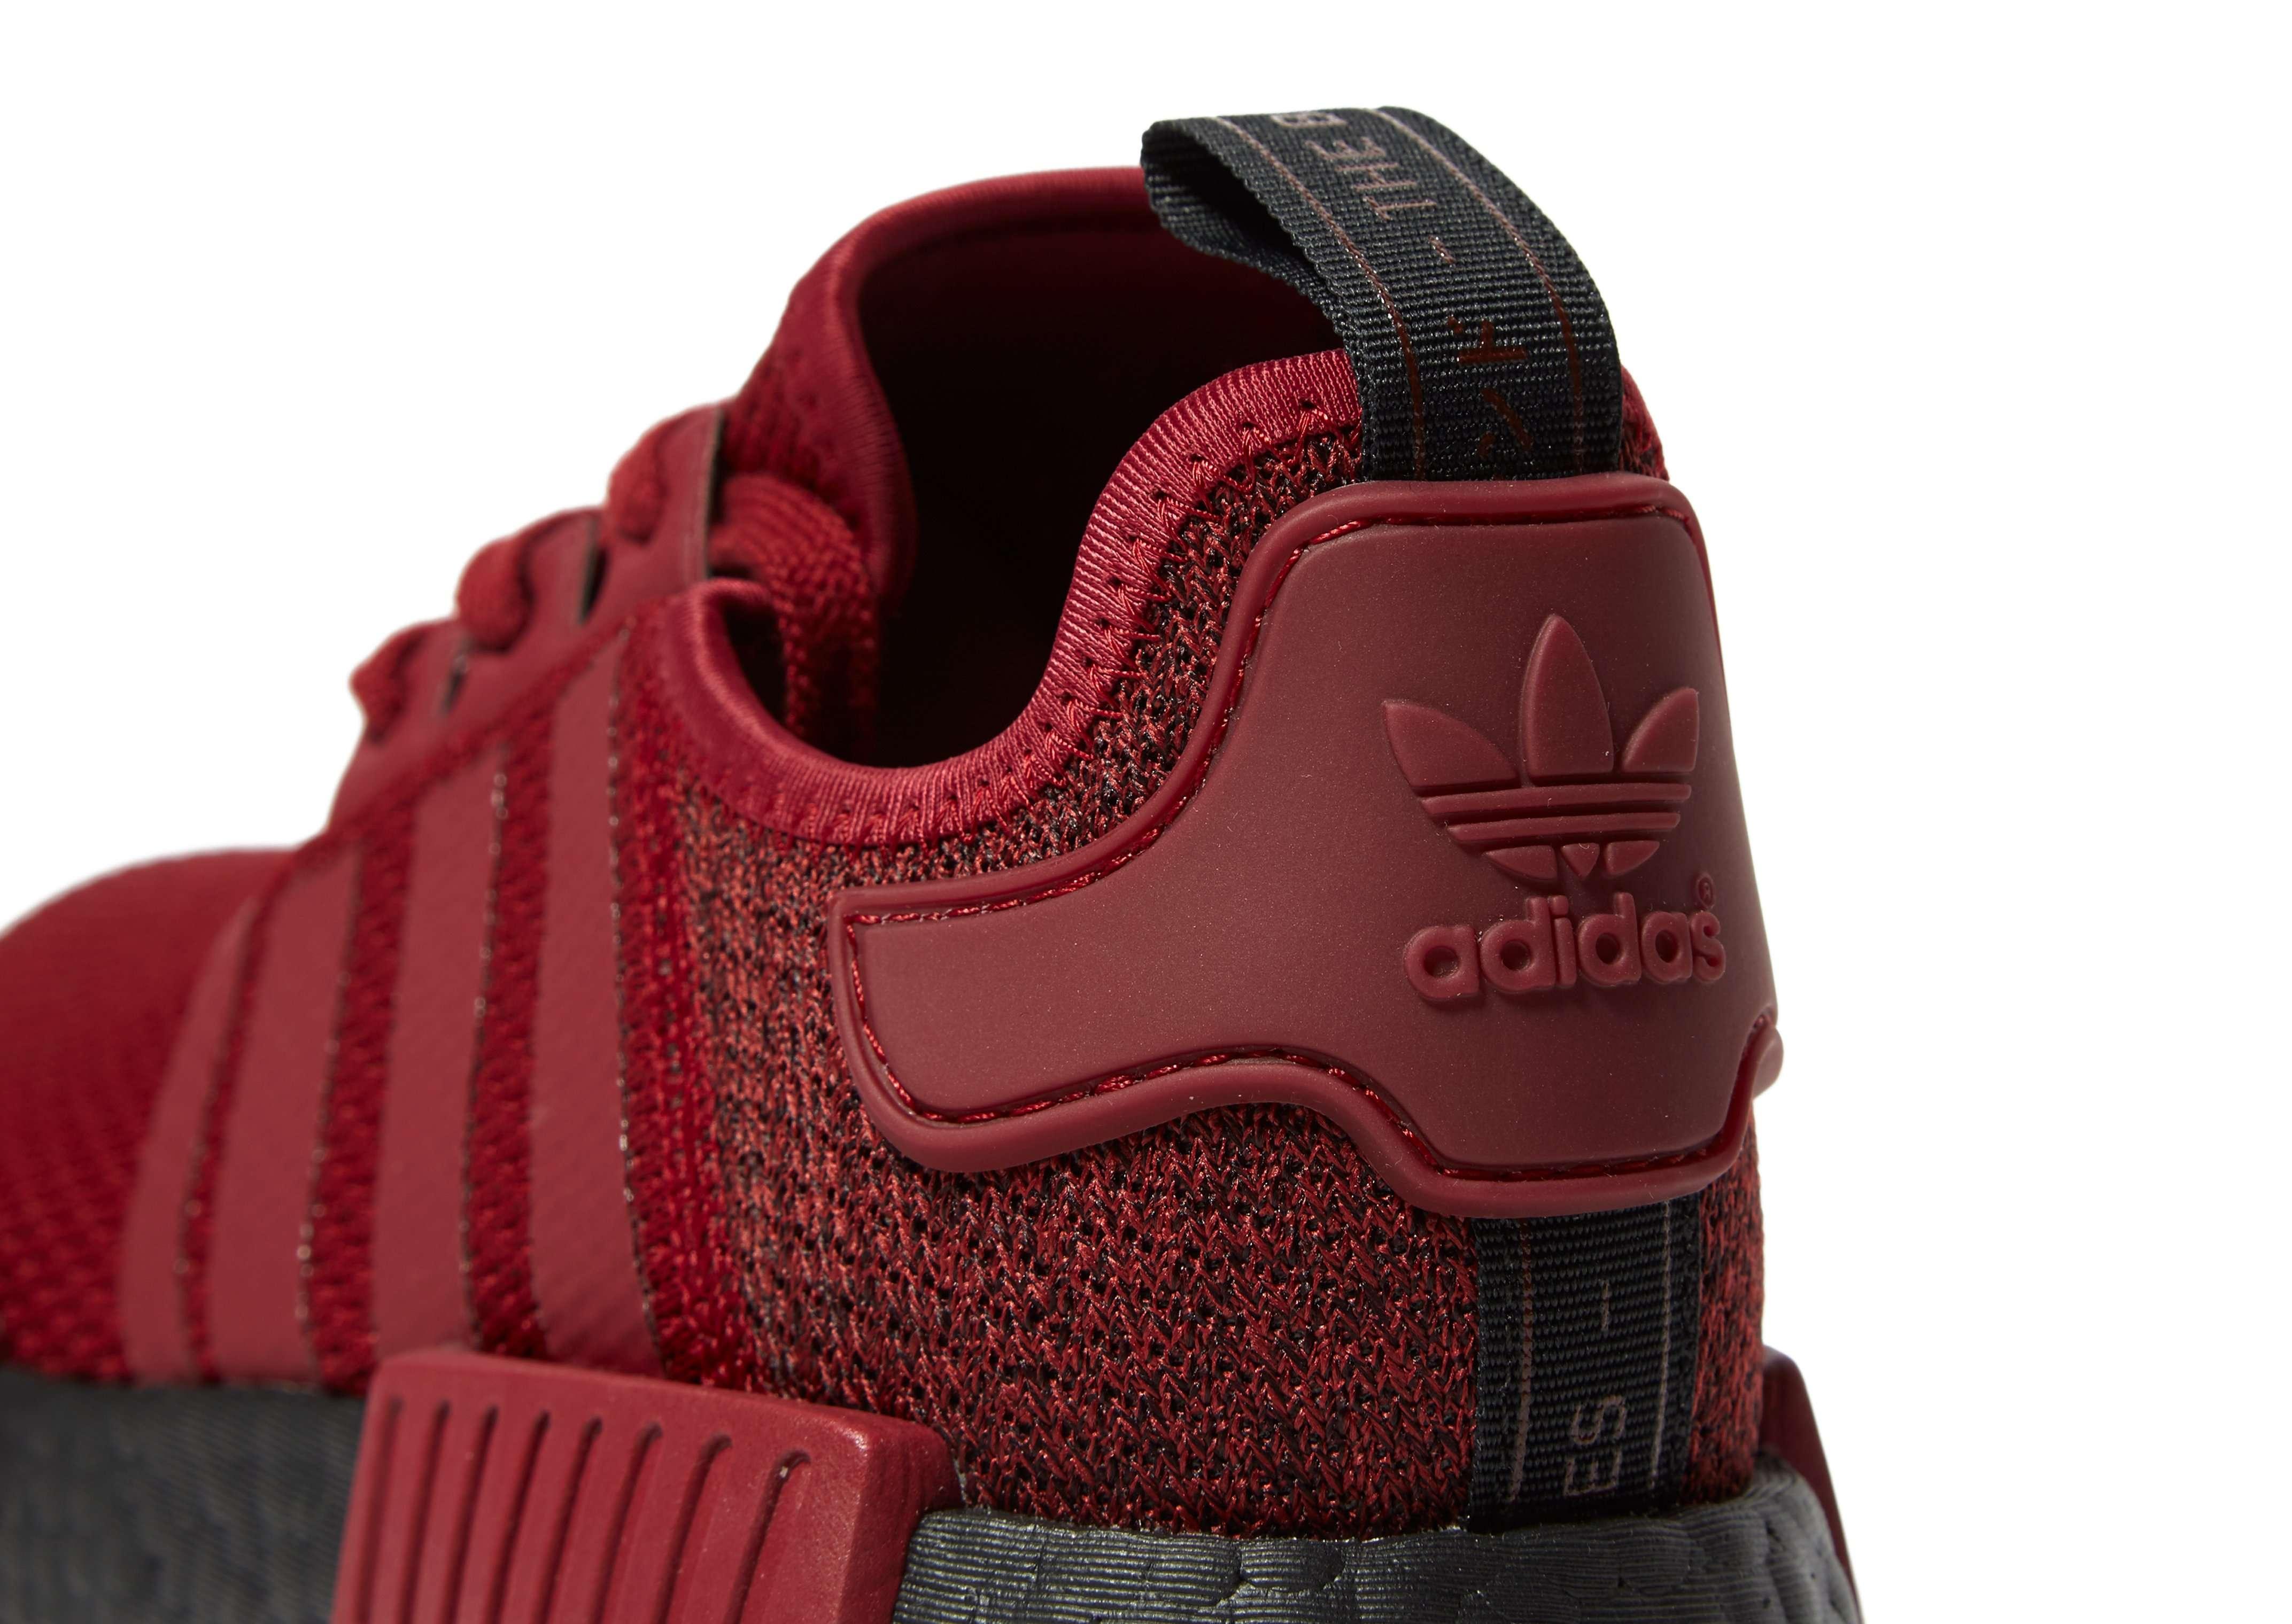 Adidas Originals Nmd R1 Jd Sports